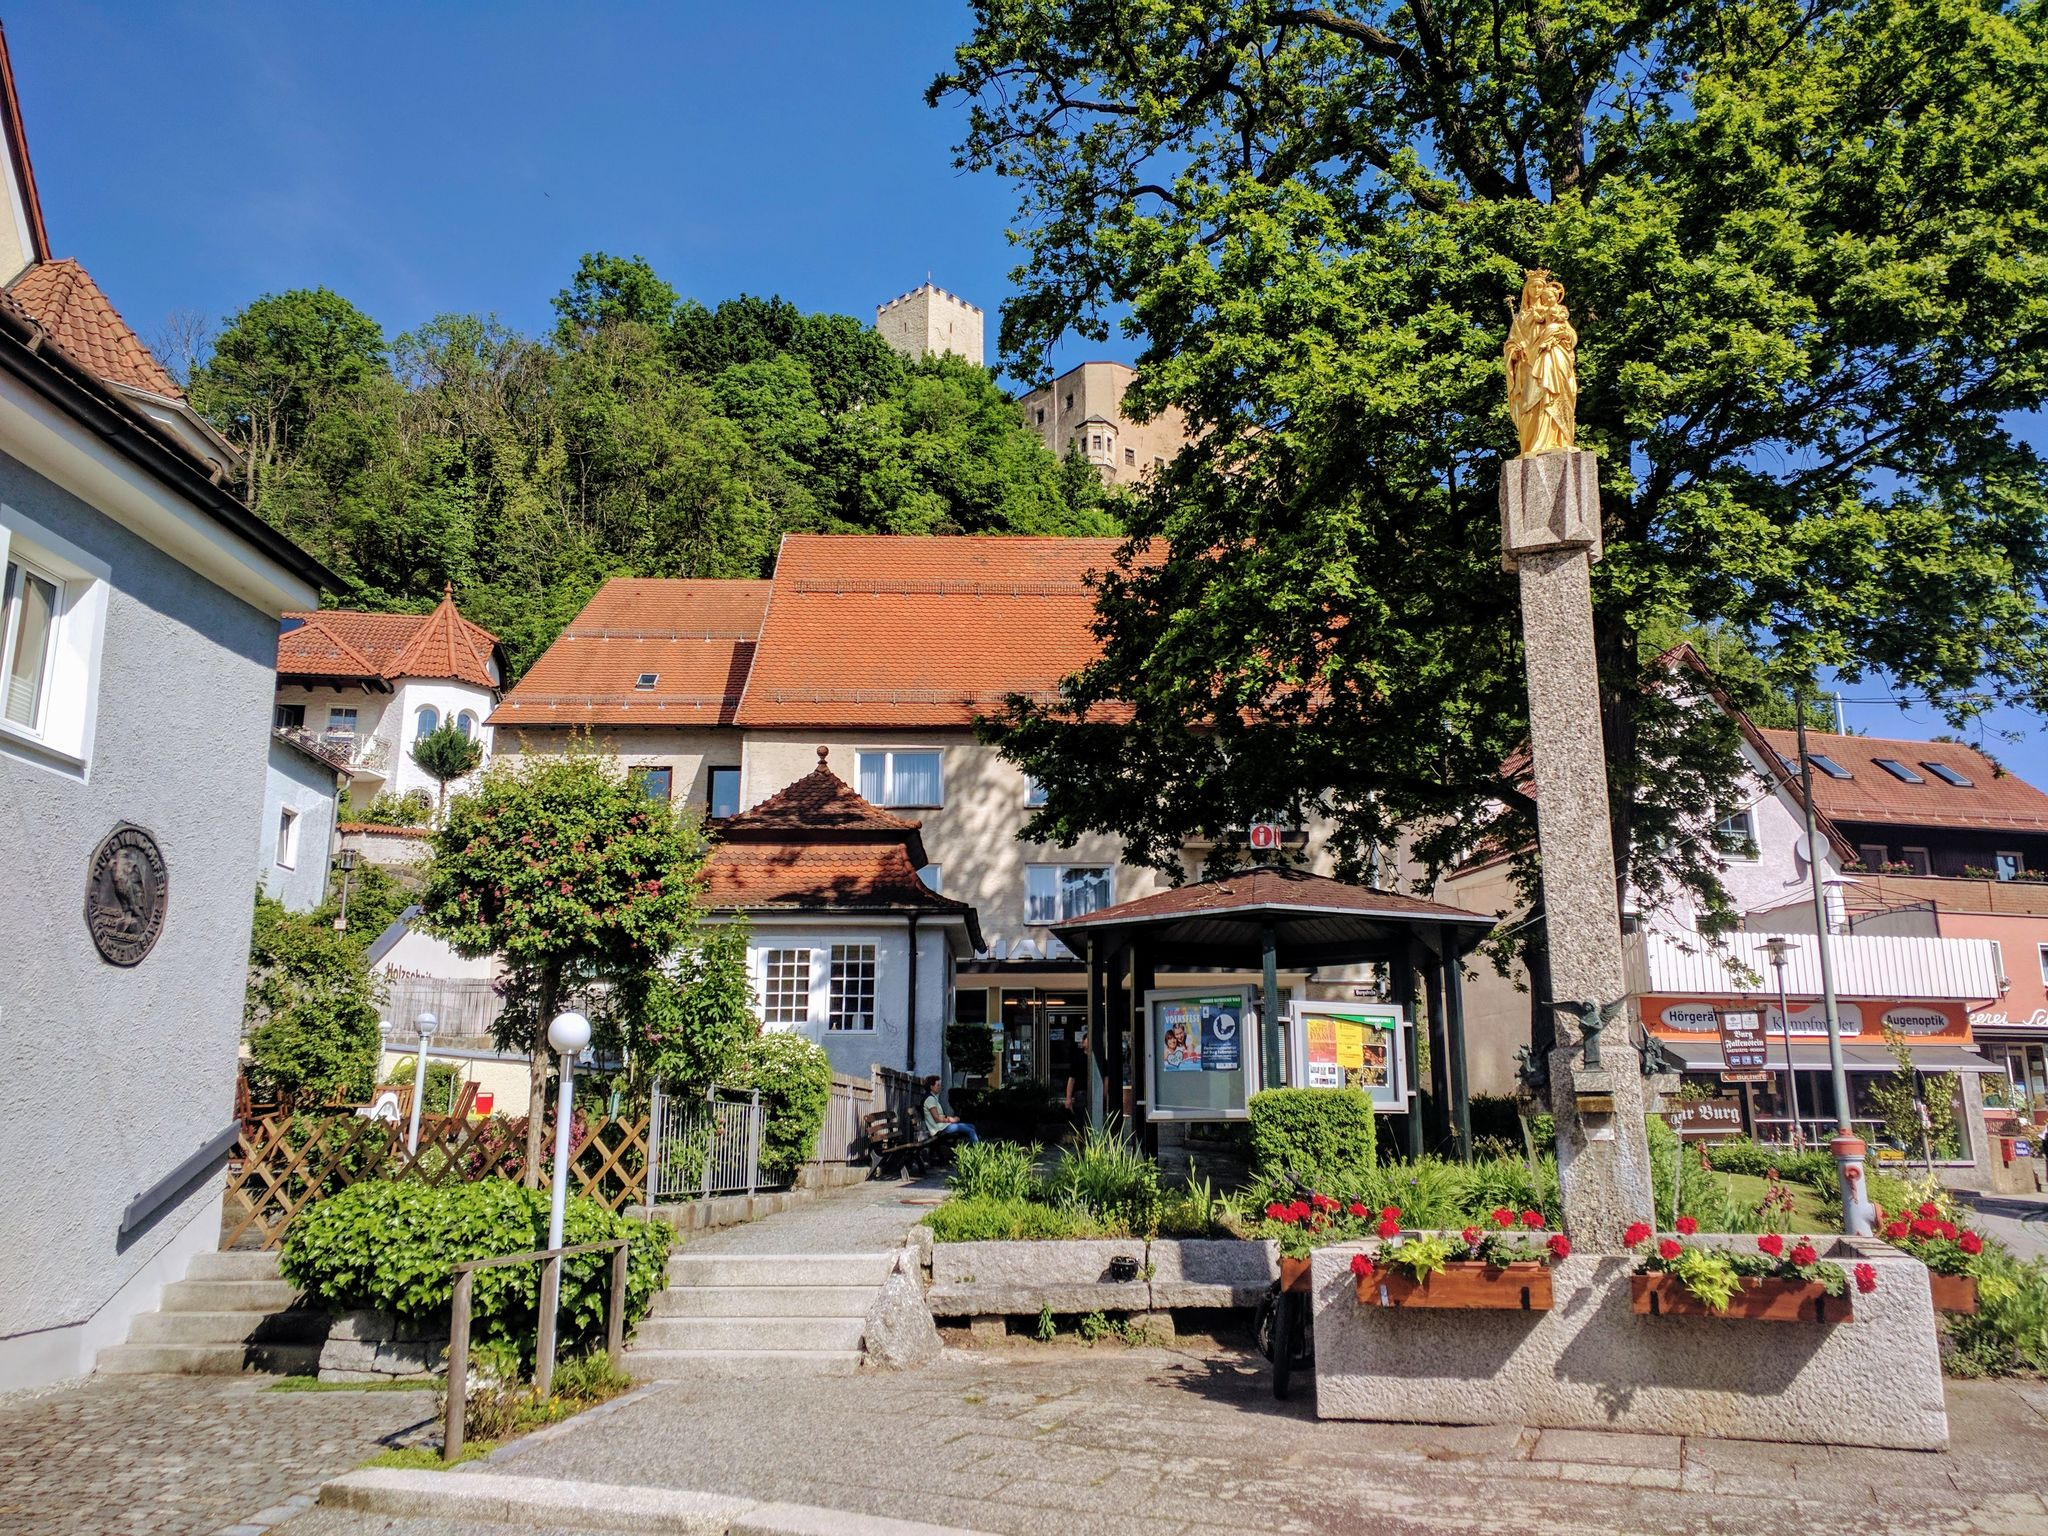 Trans Bayerwald - Markplatz in Falkenstein mit der Burg im Hintergrund